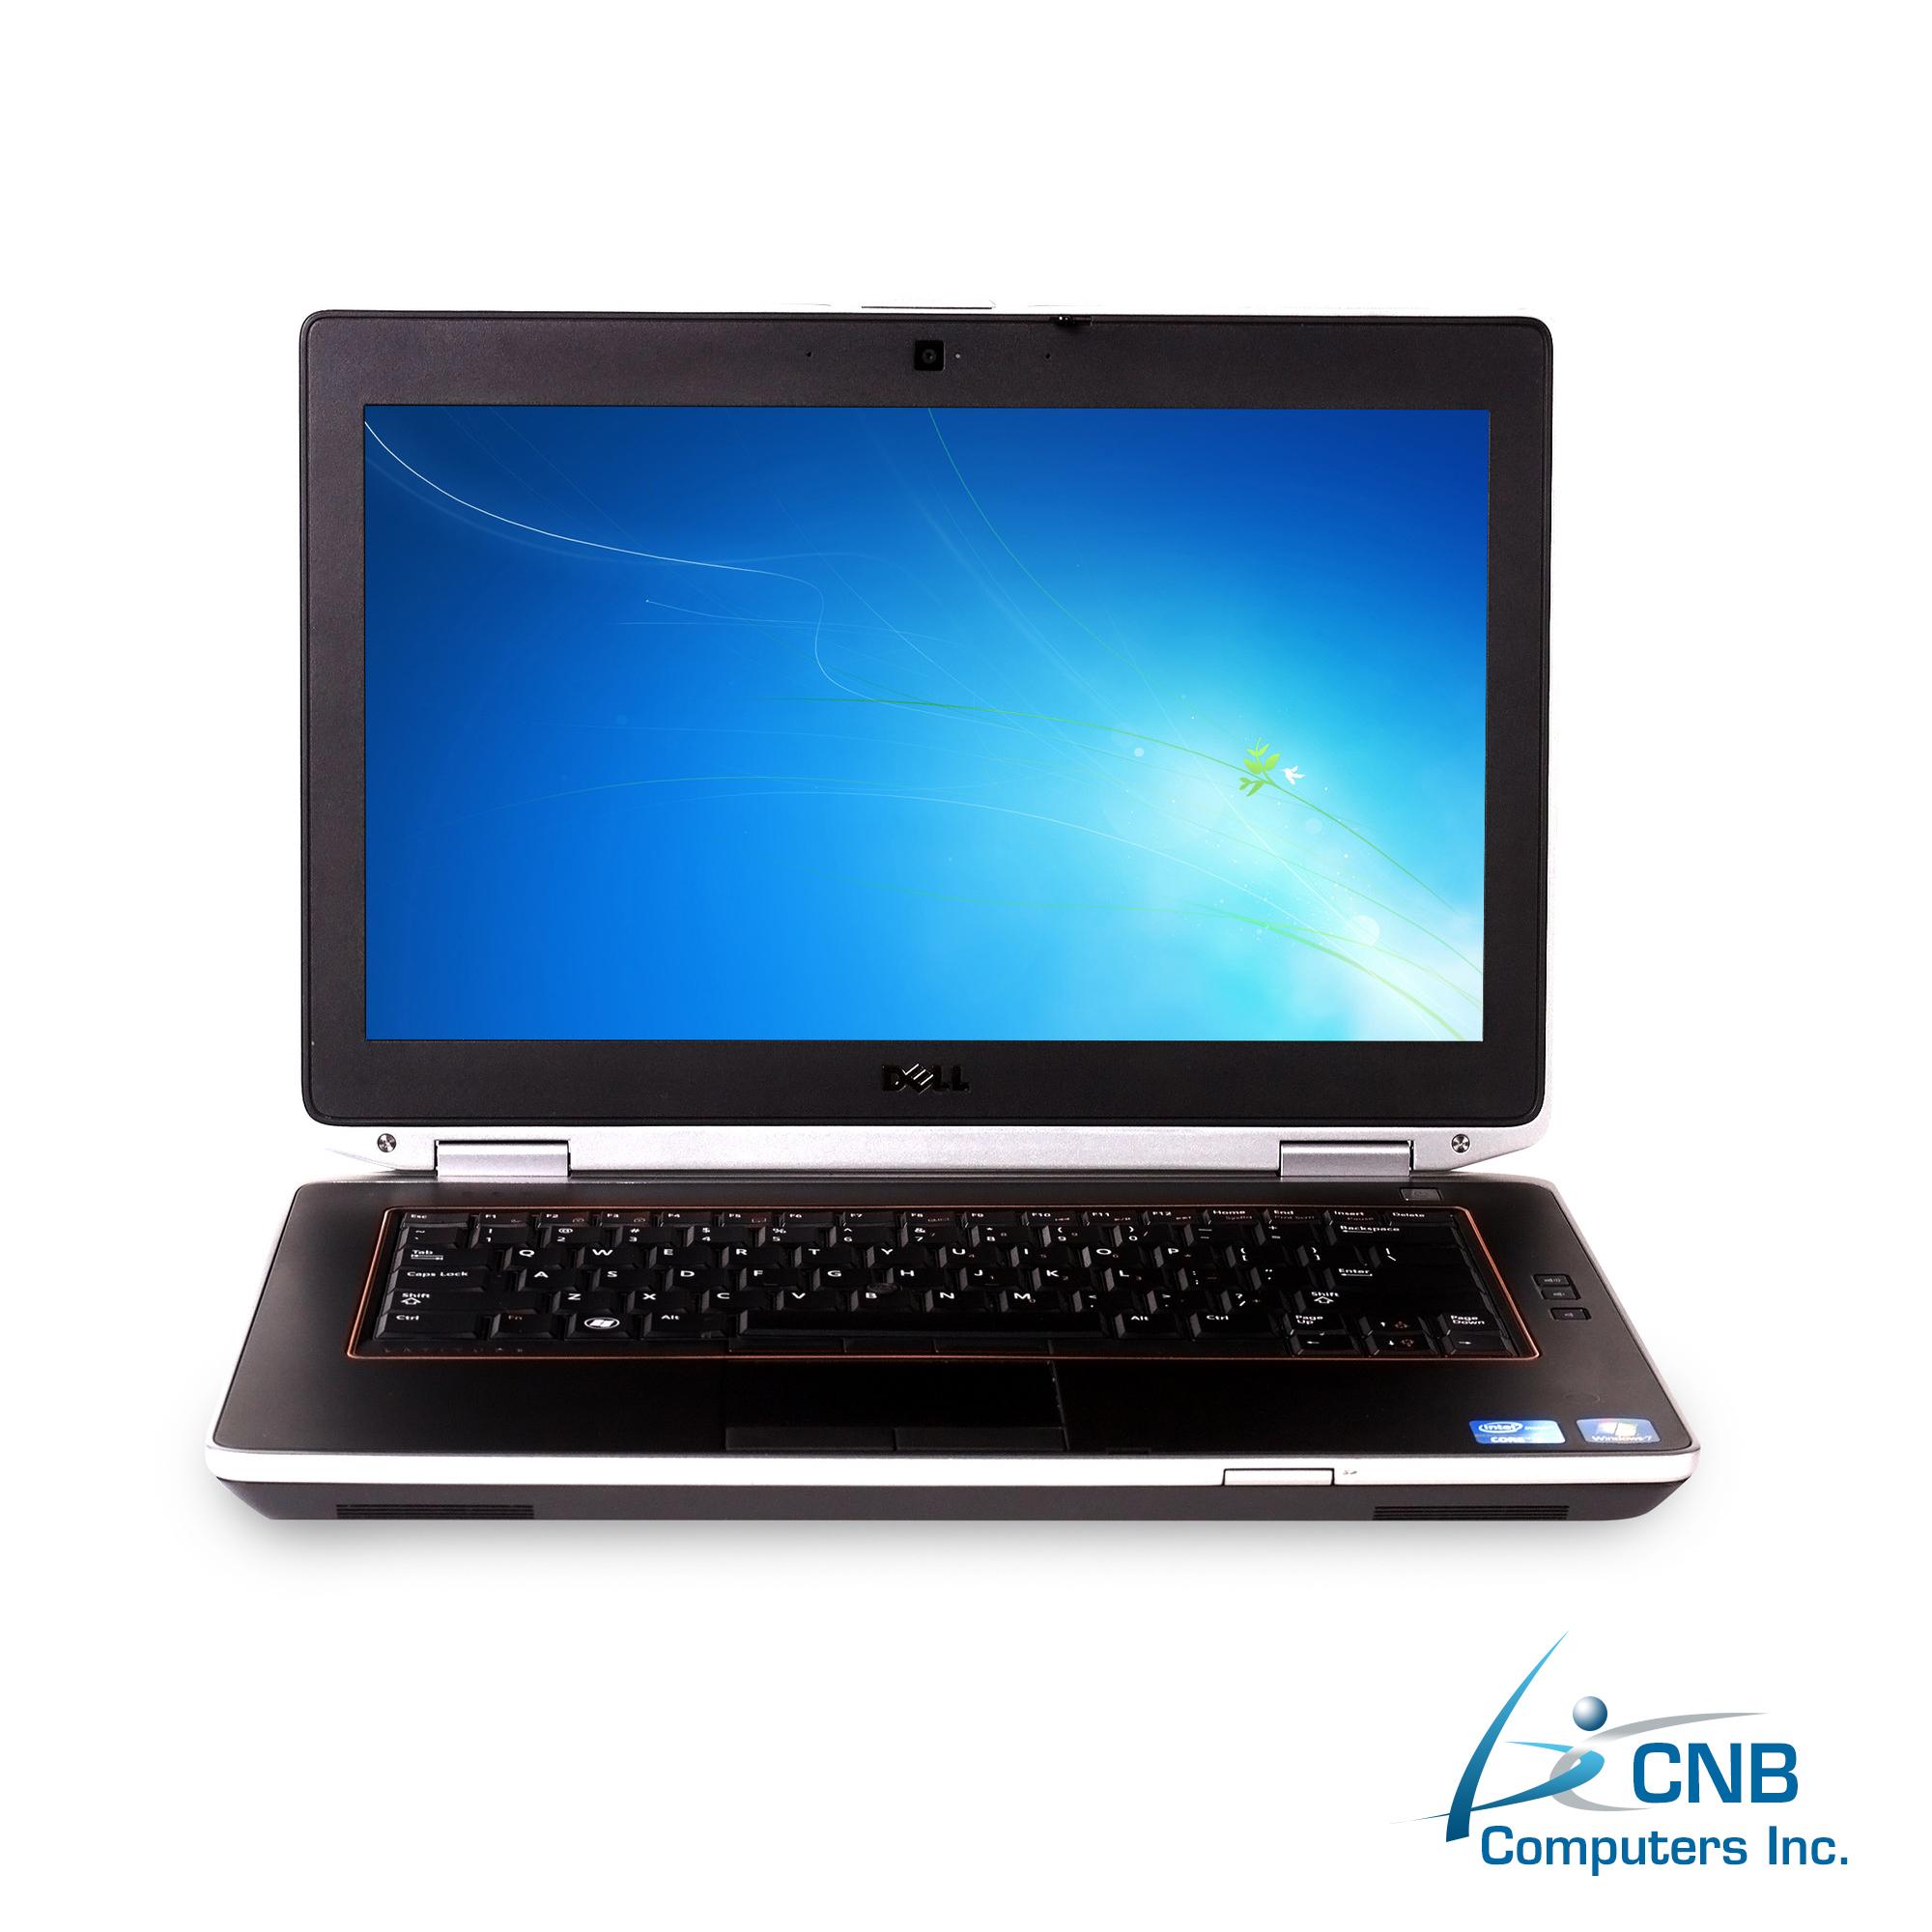 DELL LATITUDE E6420 LAPTOP 4GB 250GB HDD INTEL I5 2520M